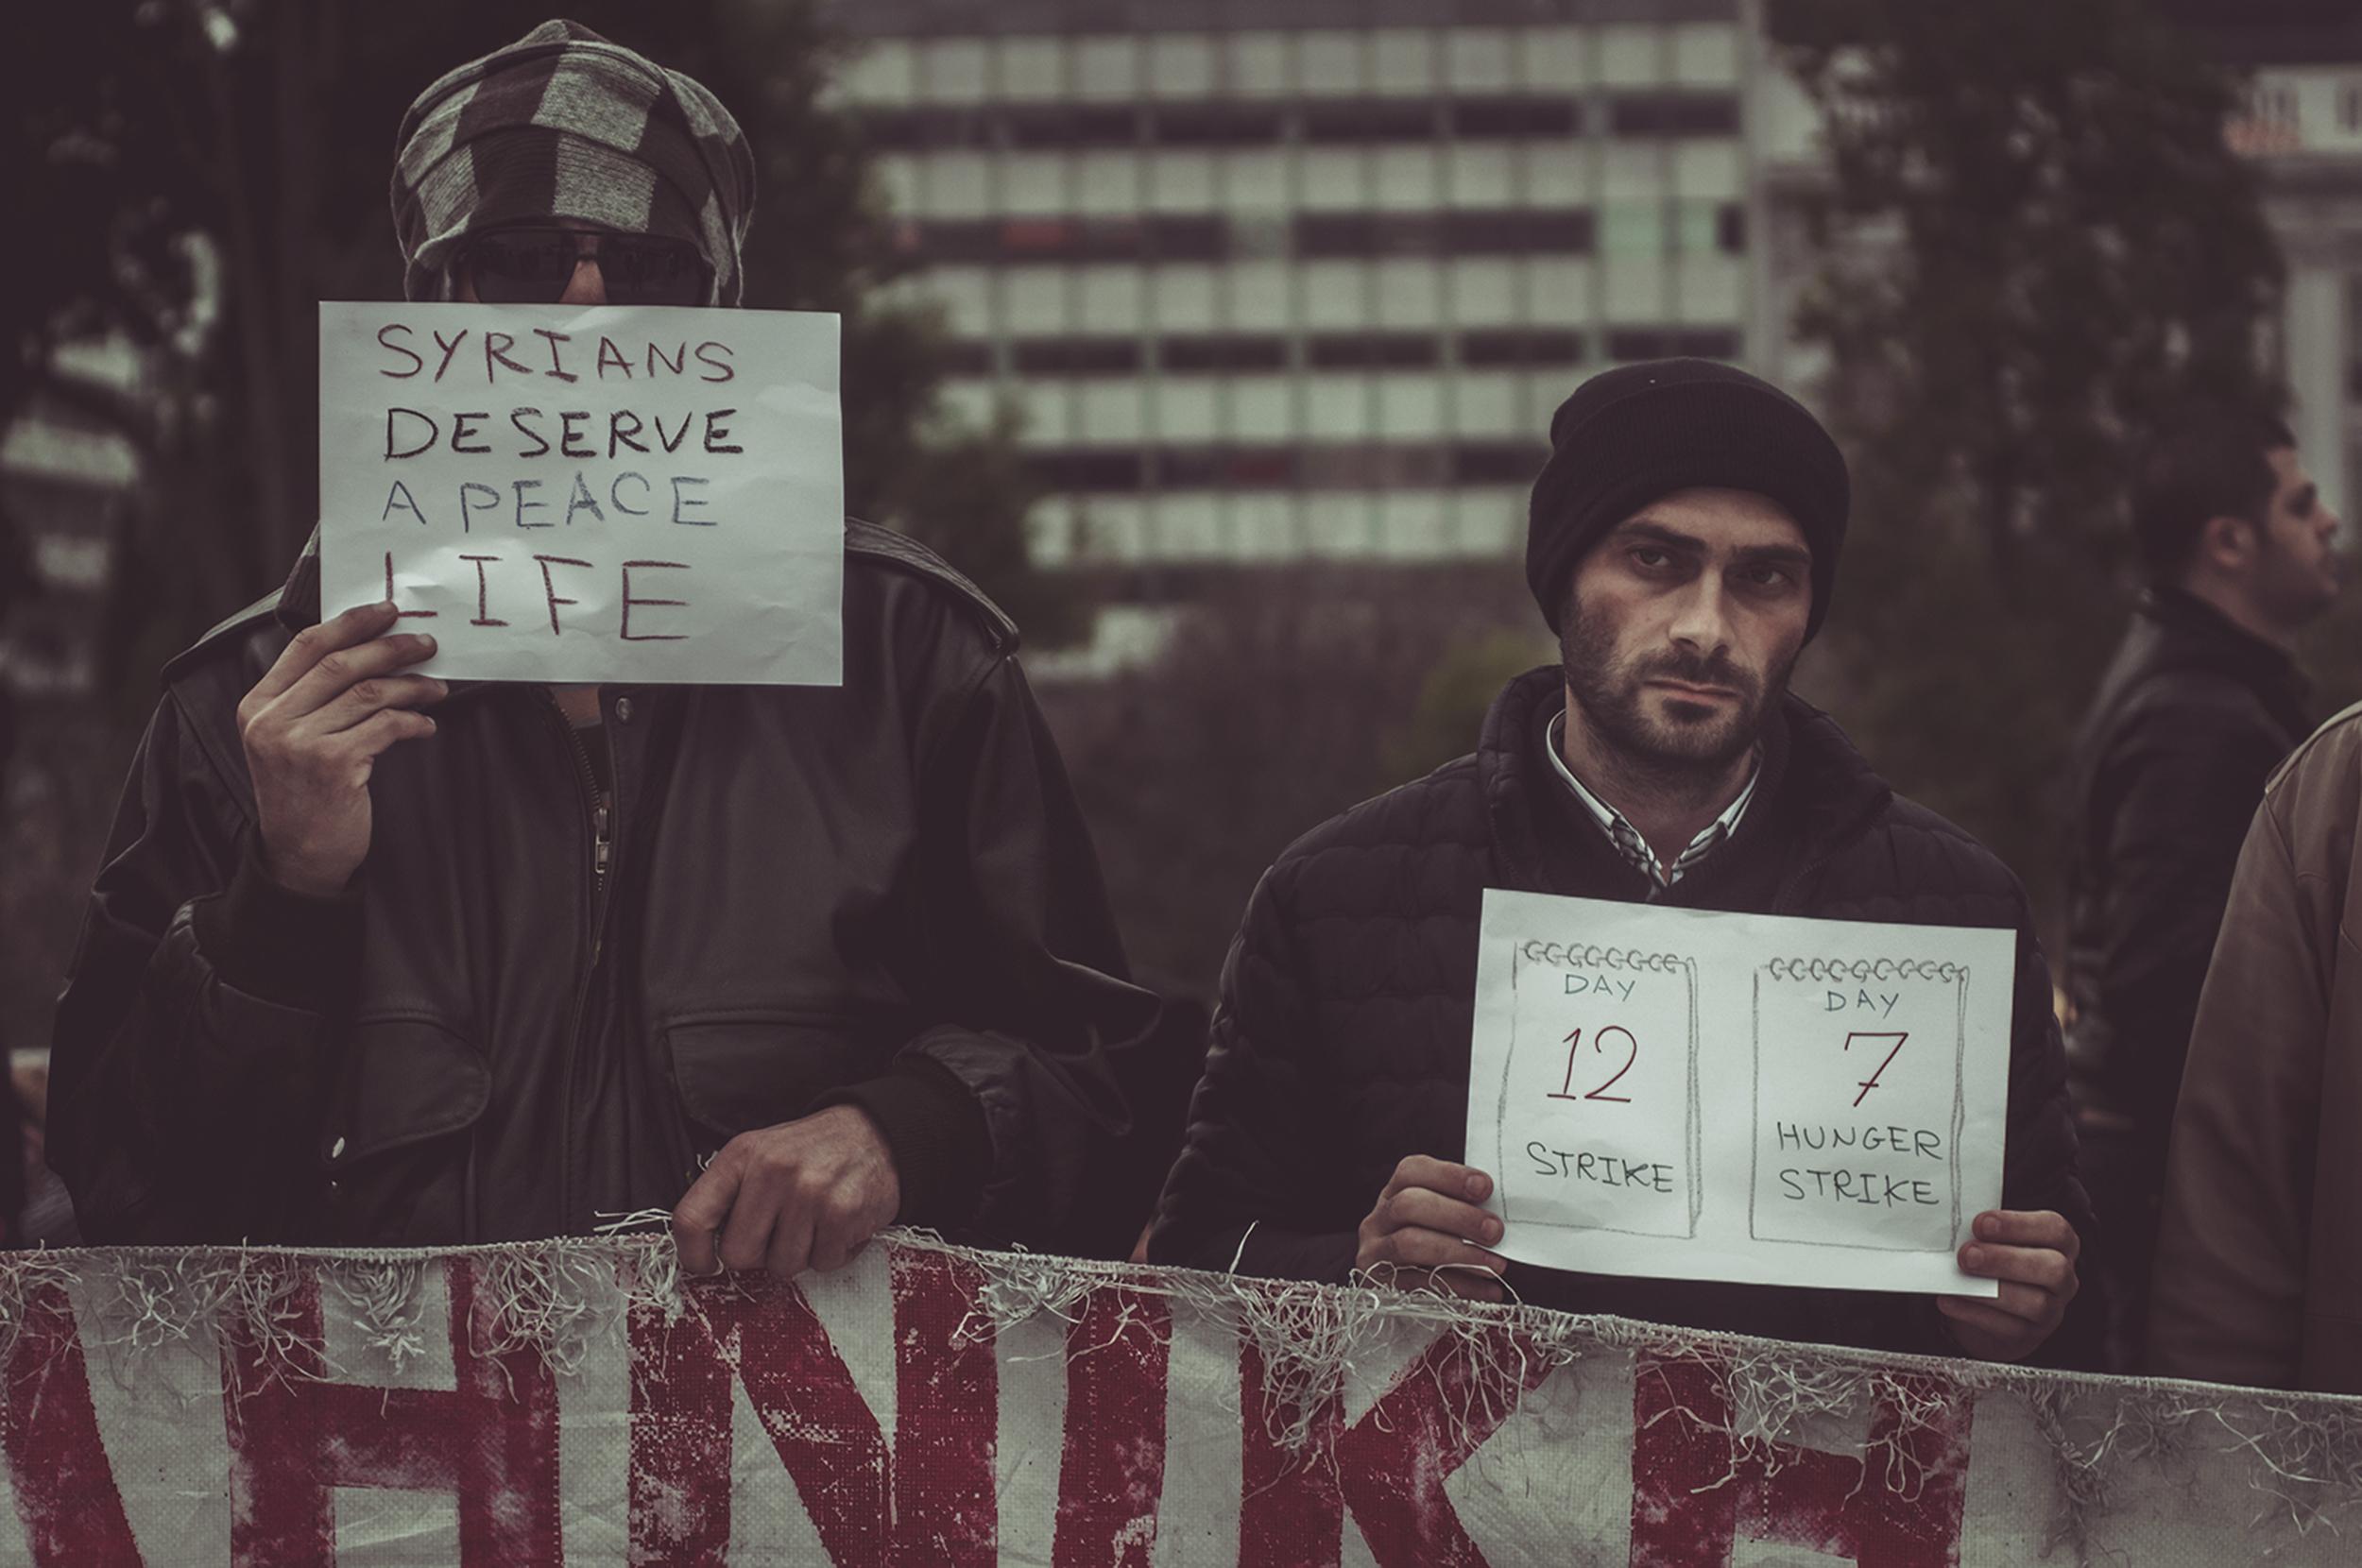 SyrianRefugees_Athen